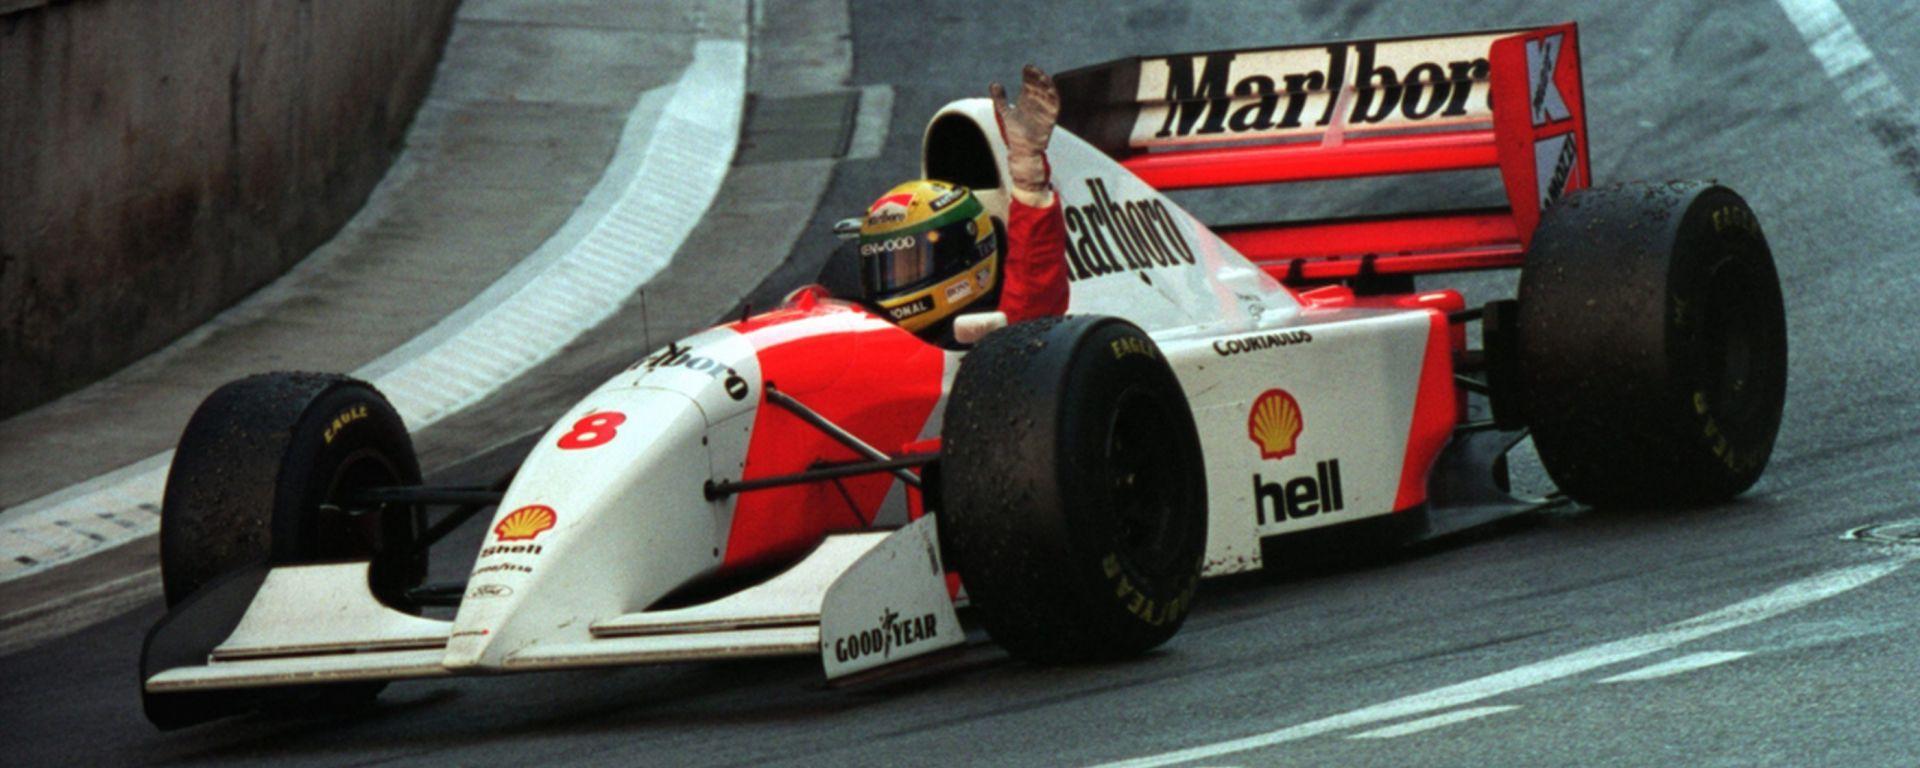 Ayrton Senna vinse il GP di Monaco nel 1993 su McLaren MP4/8